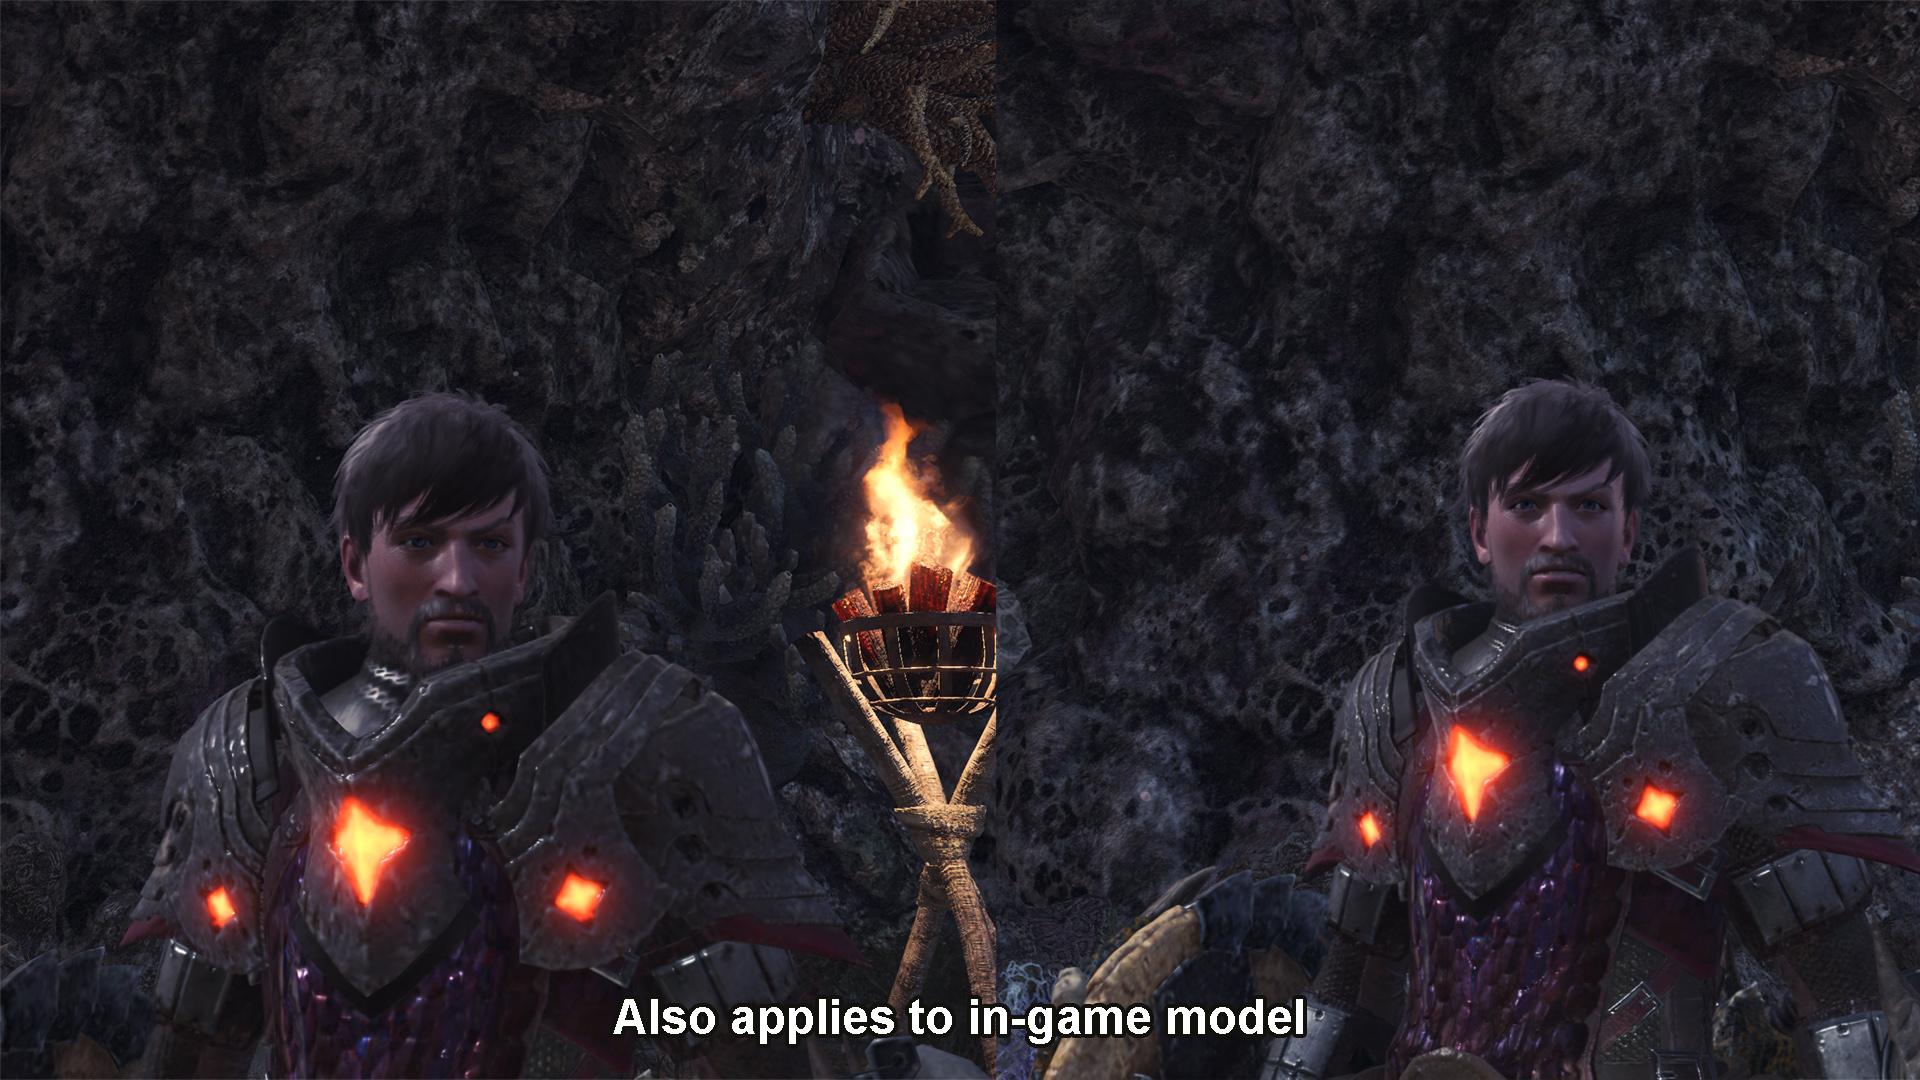 《怪物猎人:世界》 画质提升MOD 细节纹理更加清晰